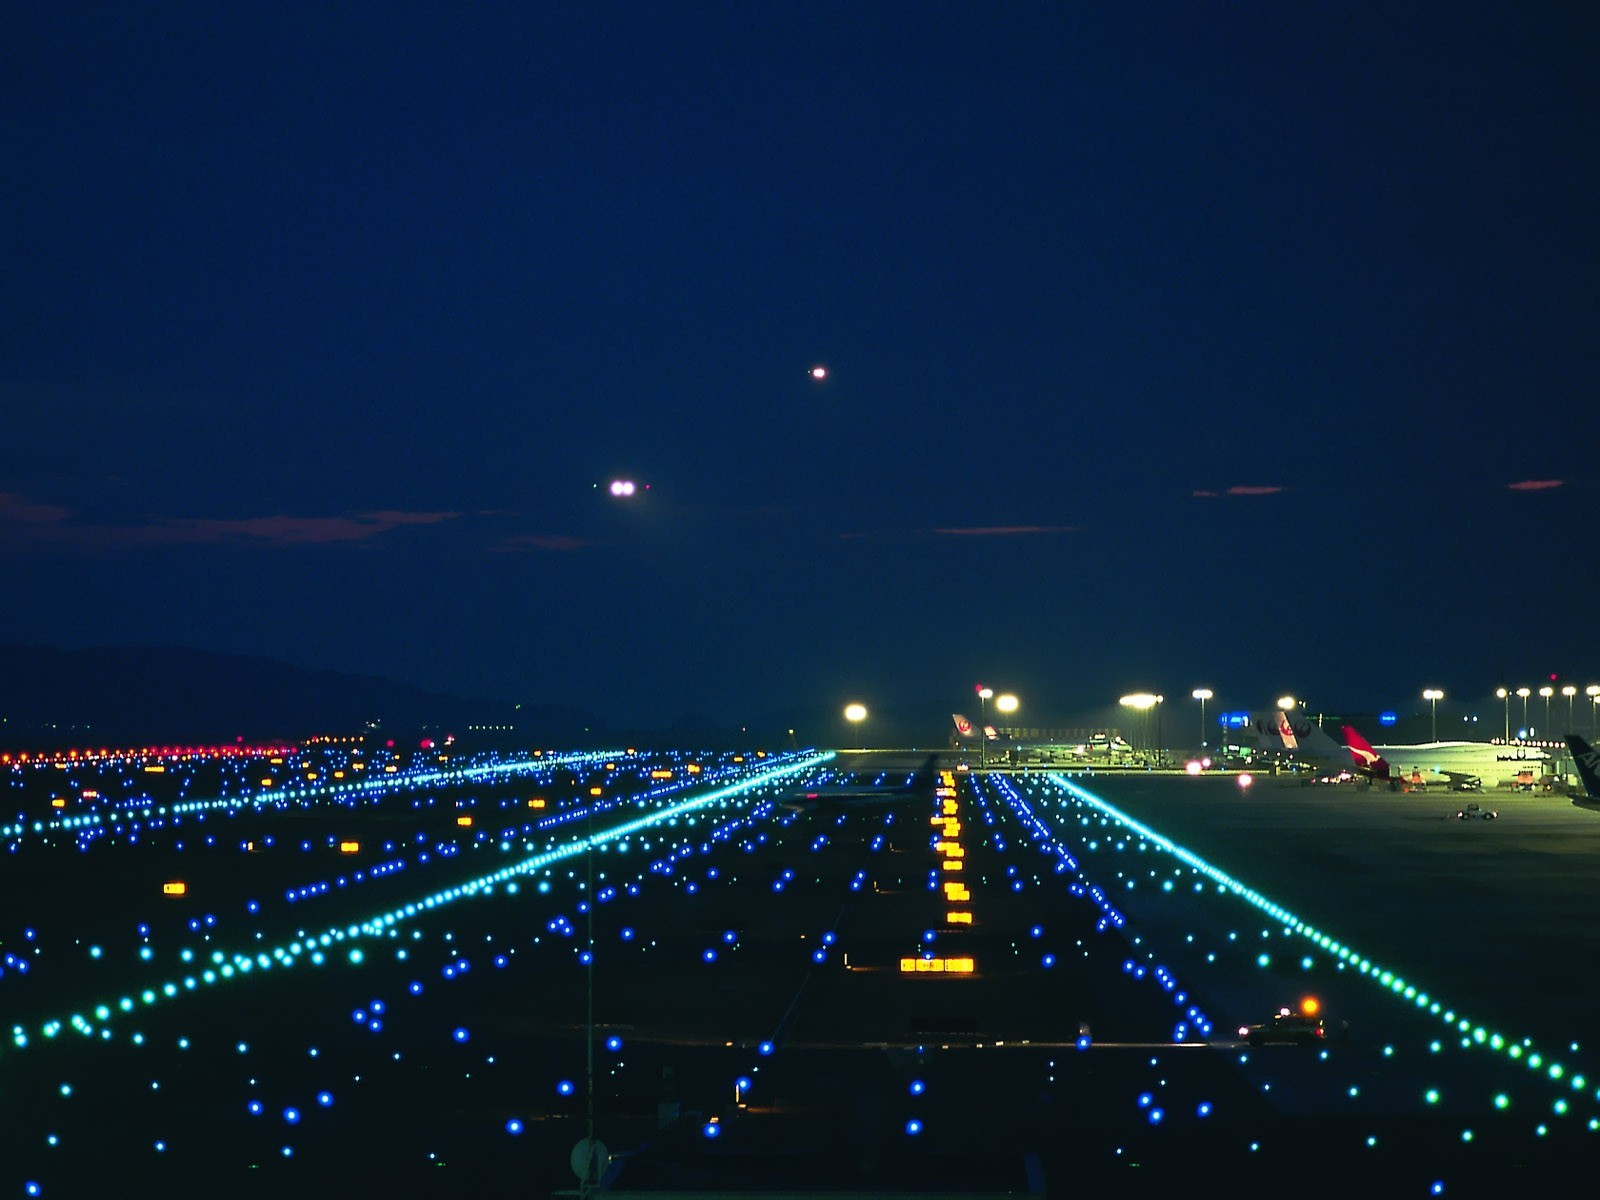 Взлетно посадочная полоса ночью фото 2